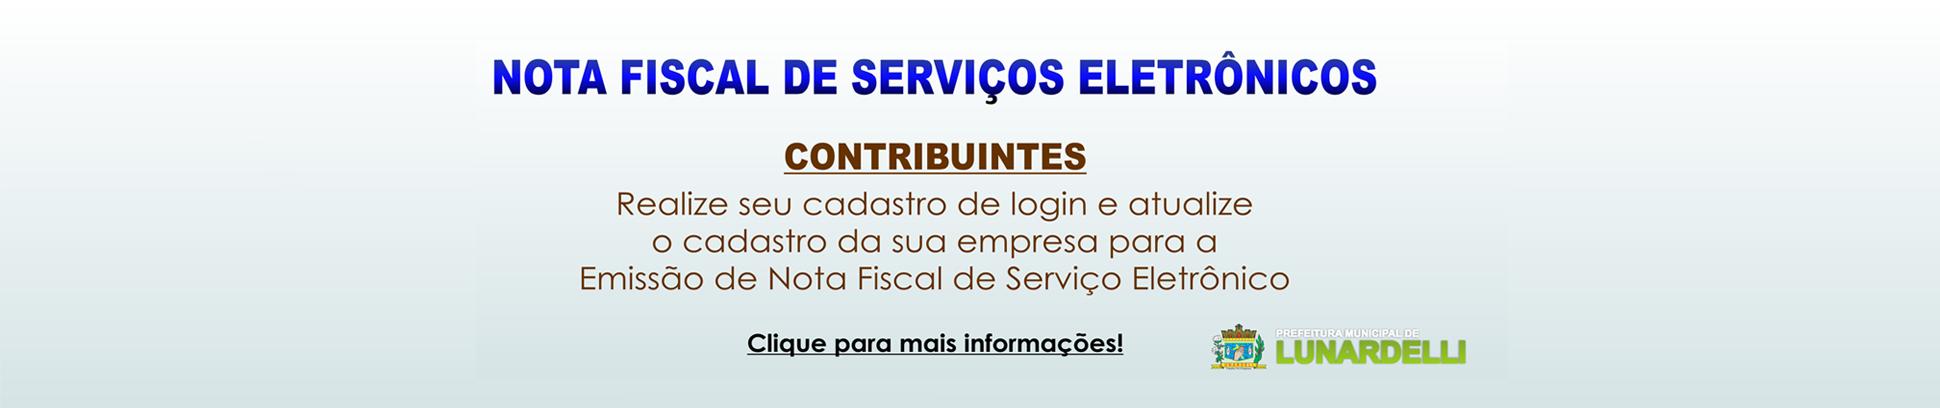 Nota Fiscal de Serviços Eletrônicos